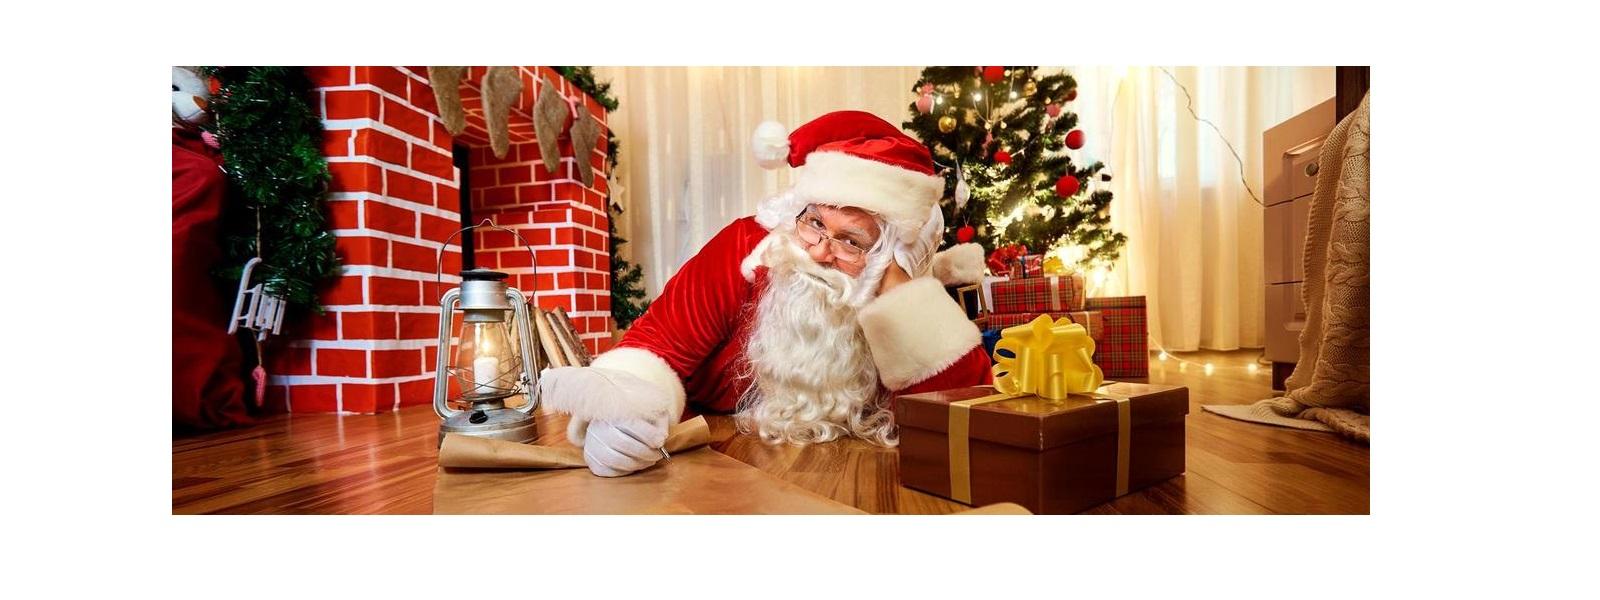 Gönnen Sie dem Weihnachtsmann eine Pause